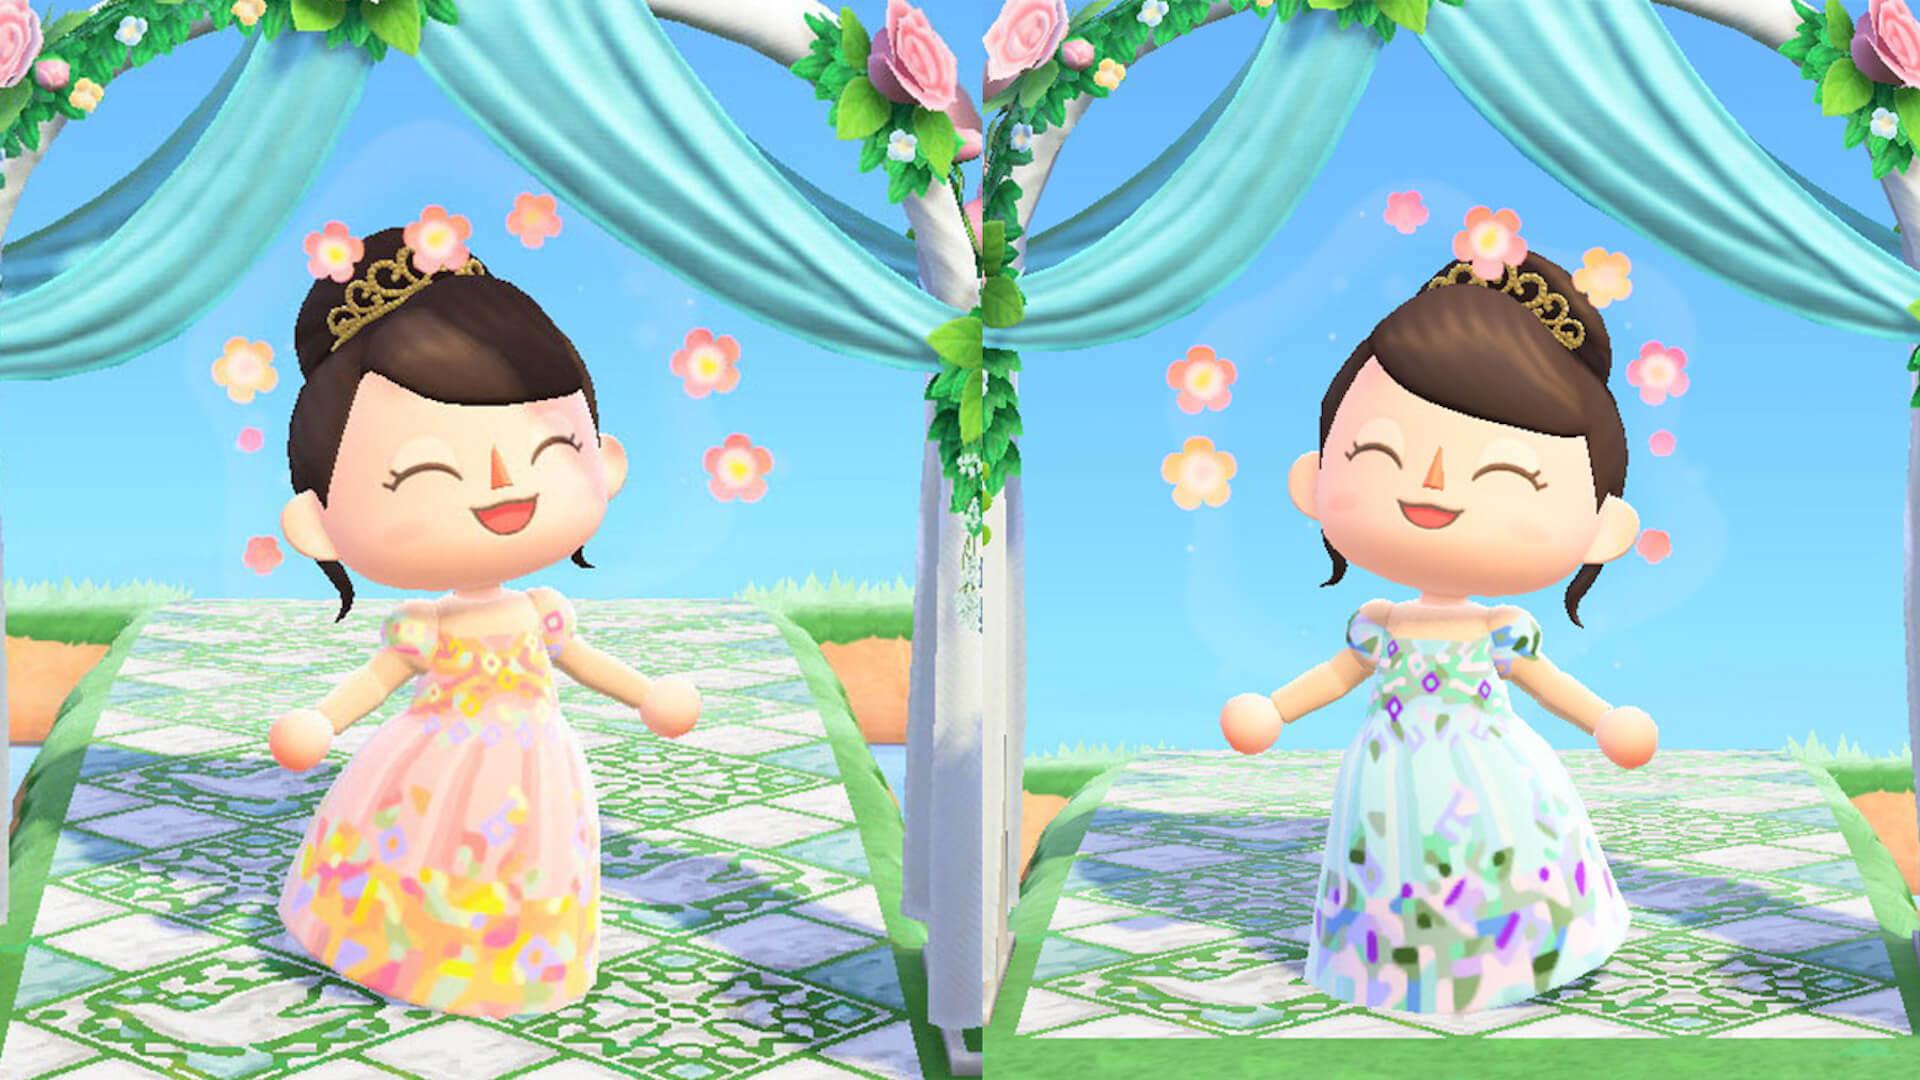 あつ森でYumi Katsuraのウエディングドレスを着て結婚式を挙げよう!?『あつまれ どうぶつの森』マイデザインが公式Instgramで配布開始 tech200608_animalcrossing_7